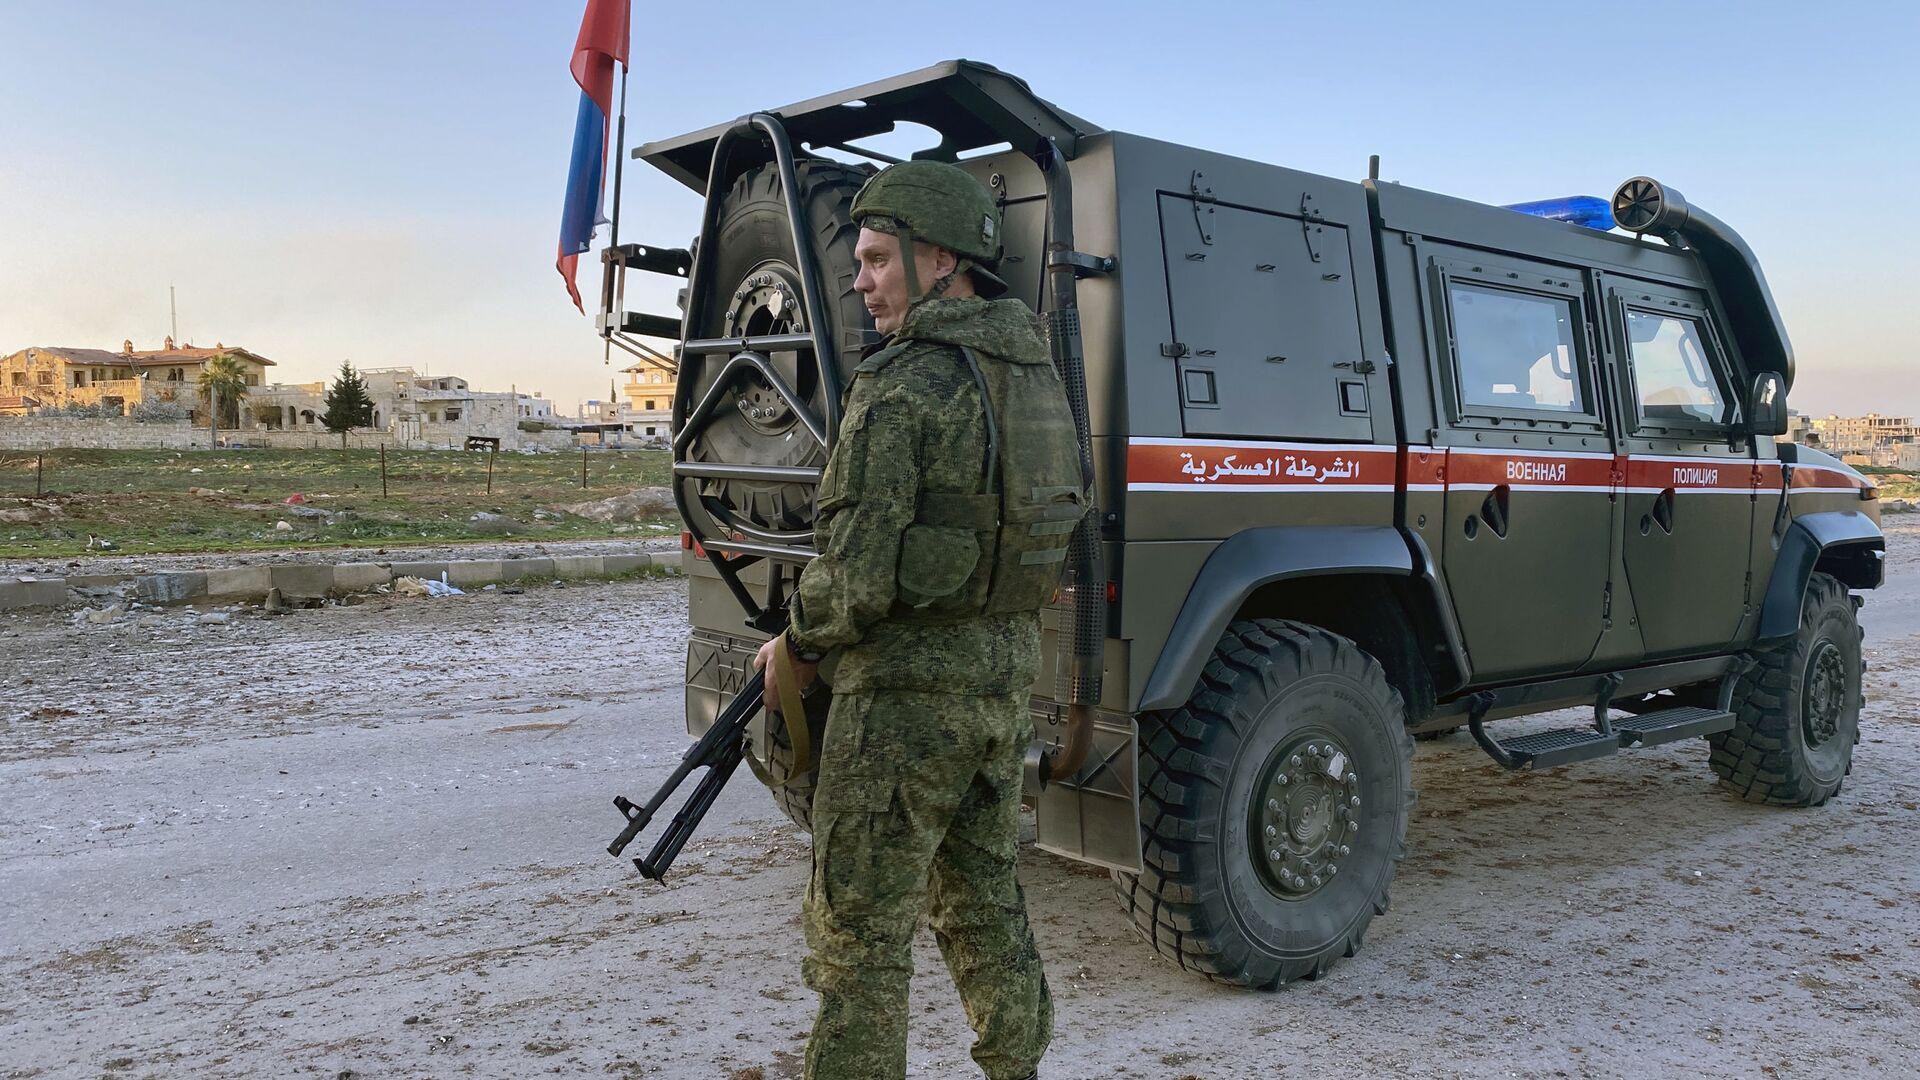 Ρωσική στρατιωτική αστυνομία στη Συρία - Sputnik Ελλάδα, 1920, 23.09.2021